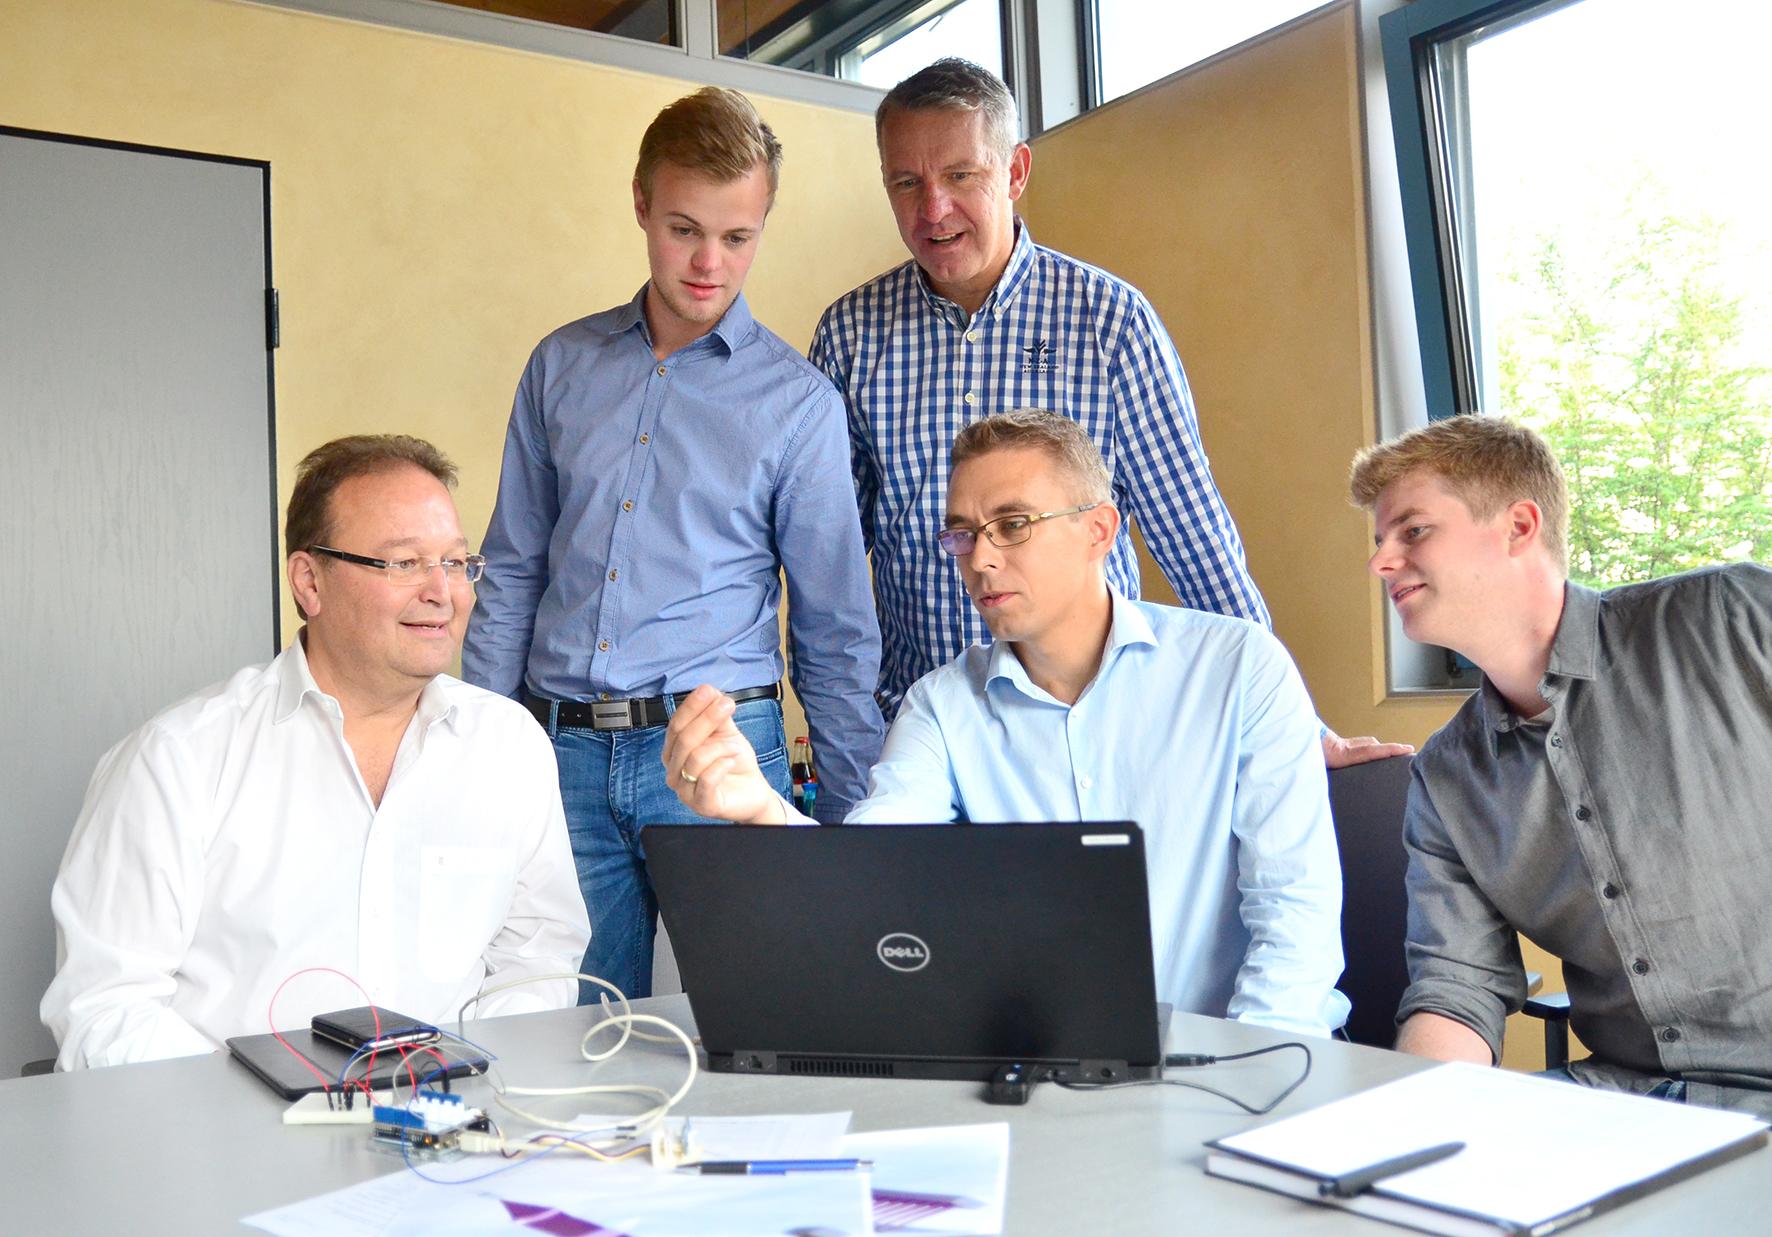 Helmut Teiting, Jan-Philipp Wessels, Jürgen Gröninger, Dennis Pollmann und Sascha Wagner diskutieren hinterm Laptop, Sascha Wagner hält ein Stück Folie in der Hand.